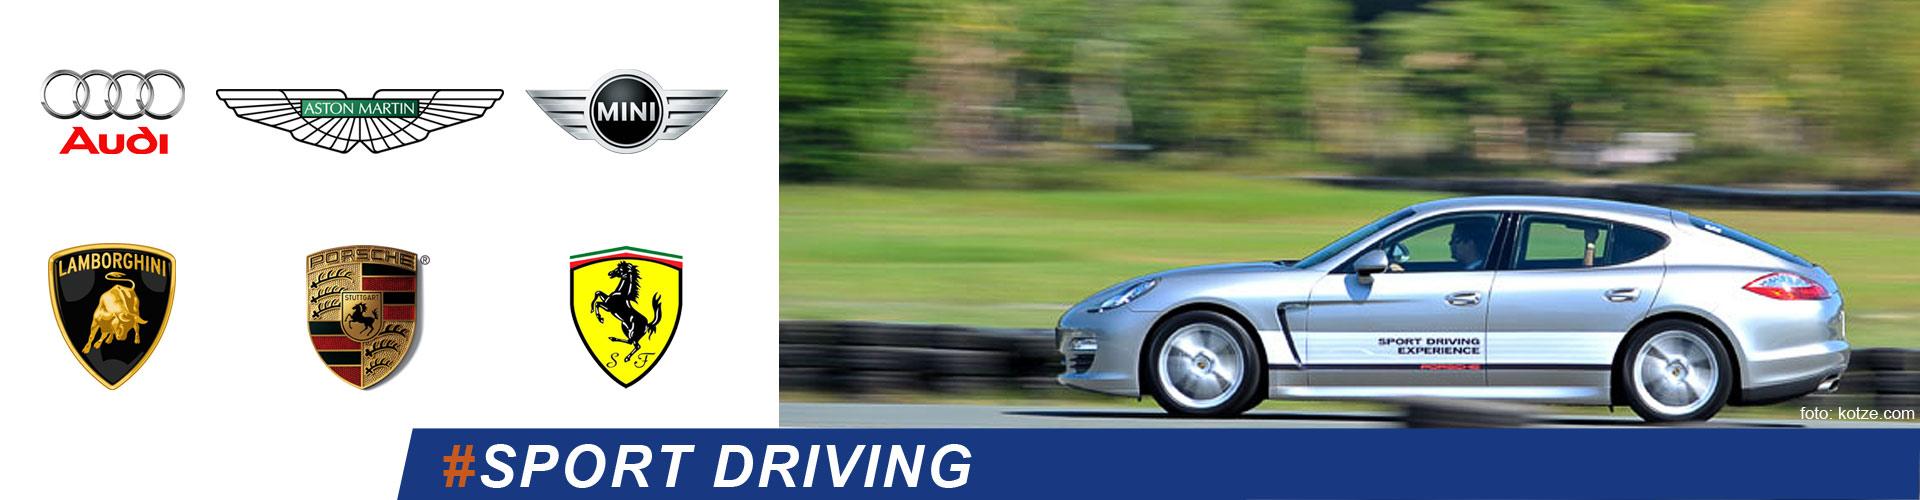 bann-sport-driving